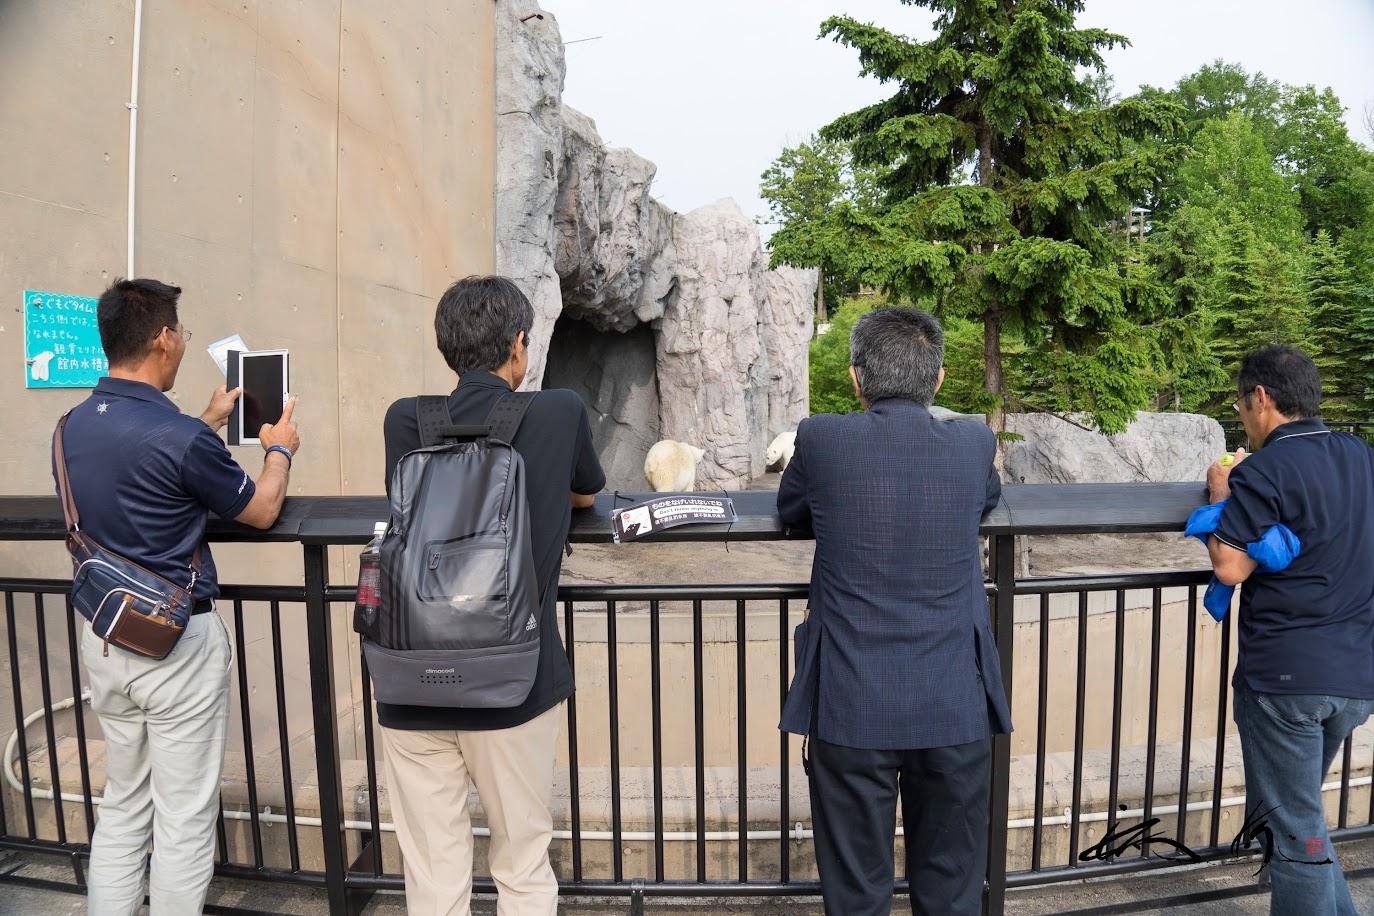 クマさんの行動に見入る男性4人